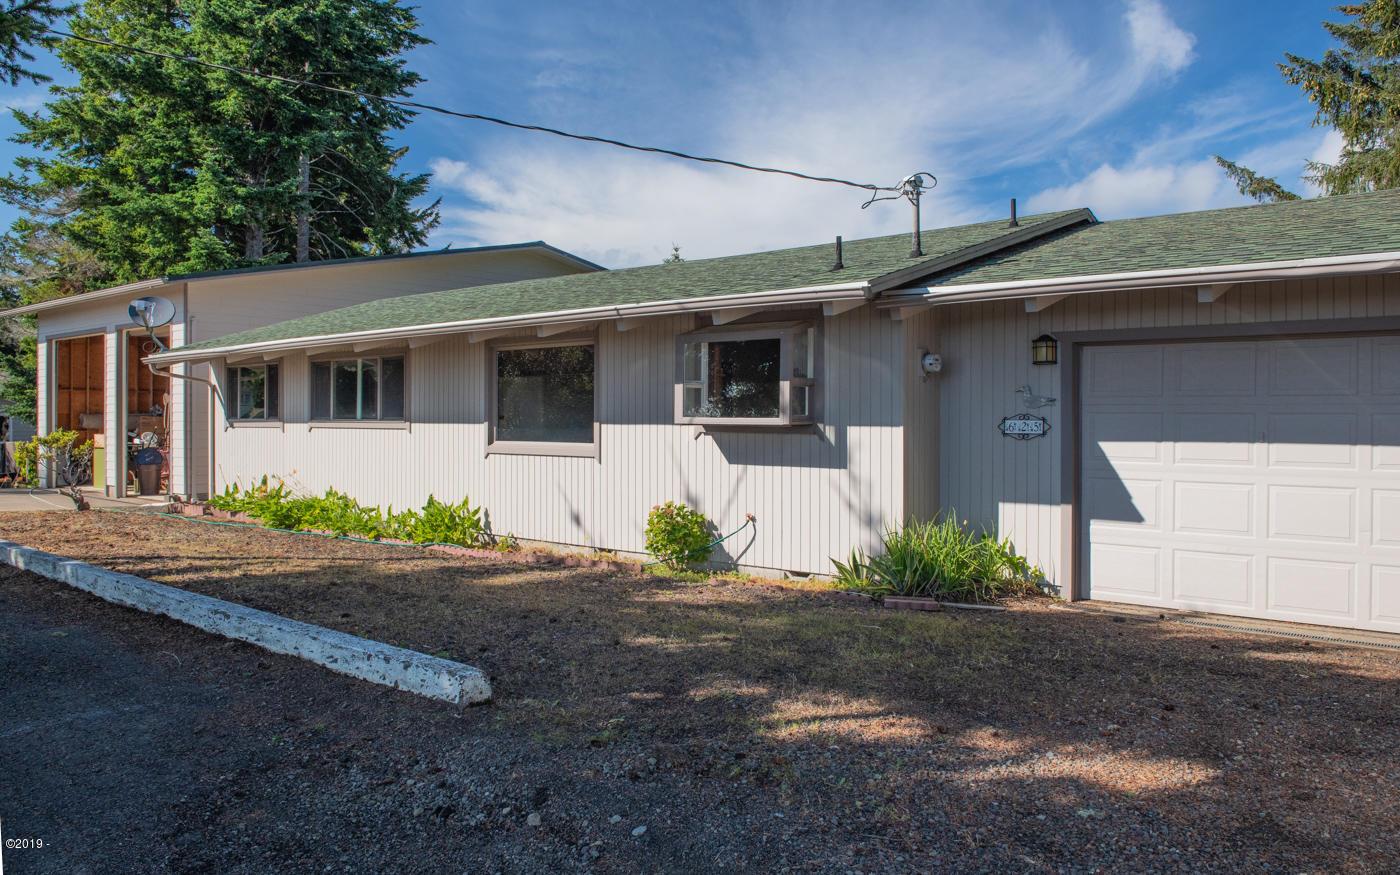 625 NE Buker, Waldport, OR 97394 - Front of home.